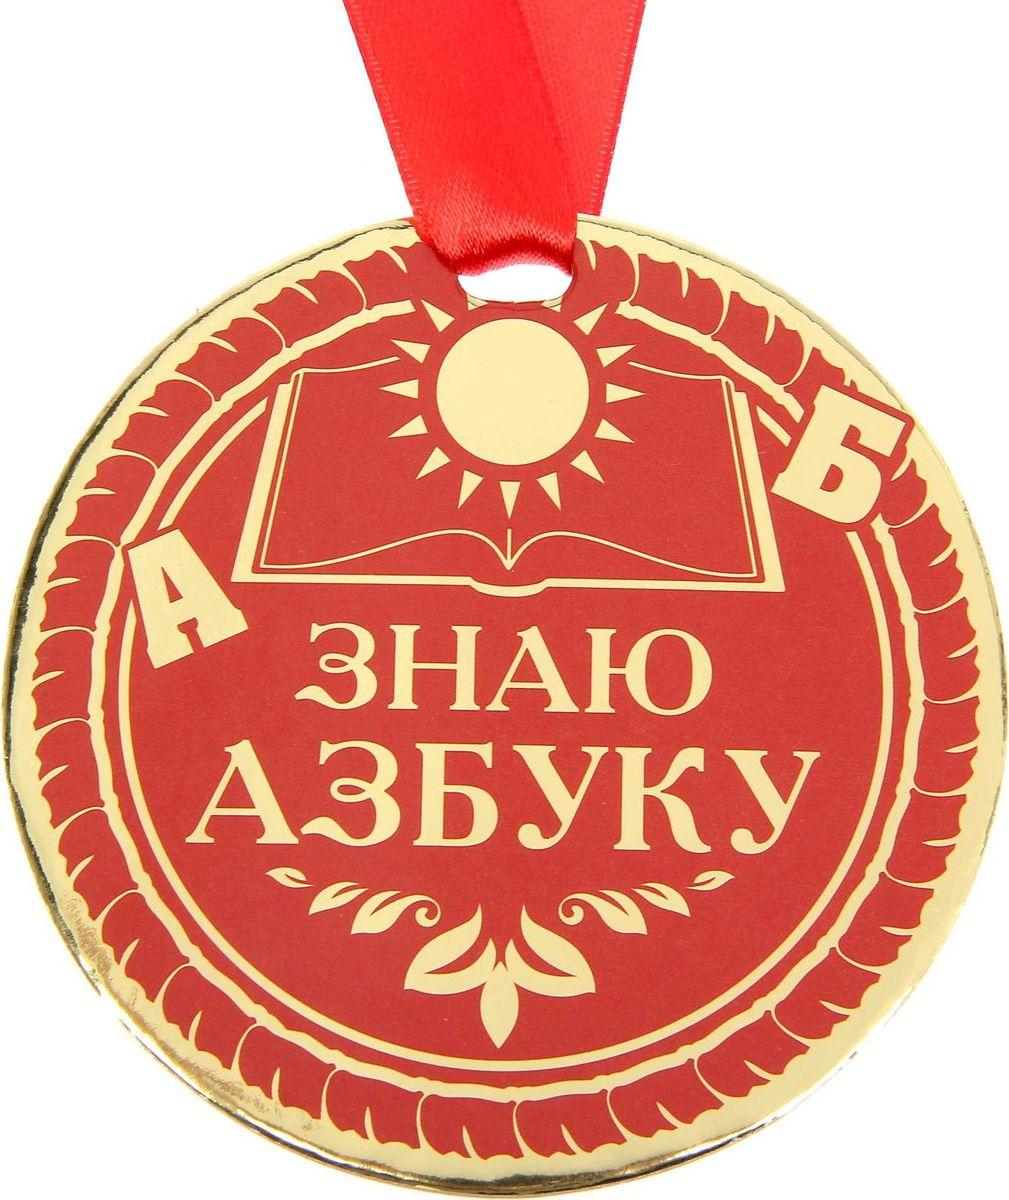 Медаль сувенирная Знаю азбуку, диаметр 9 см1500752Освоение букваря — важный этап для каждого ученика, ведь теперь он может прочитать немало интересных книг! В награду за старания и достижения ему можно преподнести оригинальную медаль Знаю азбуку. Предмет обязательно порадует юного покорителя вершины знаний. Медаль дополнена яркой лентой.